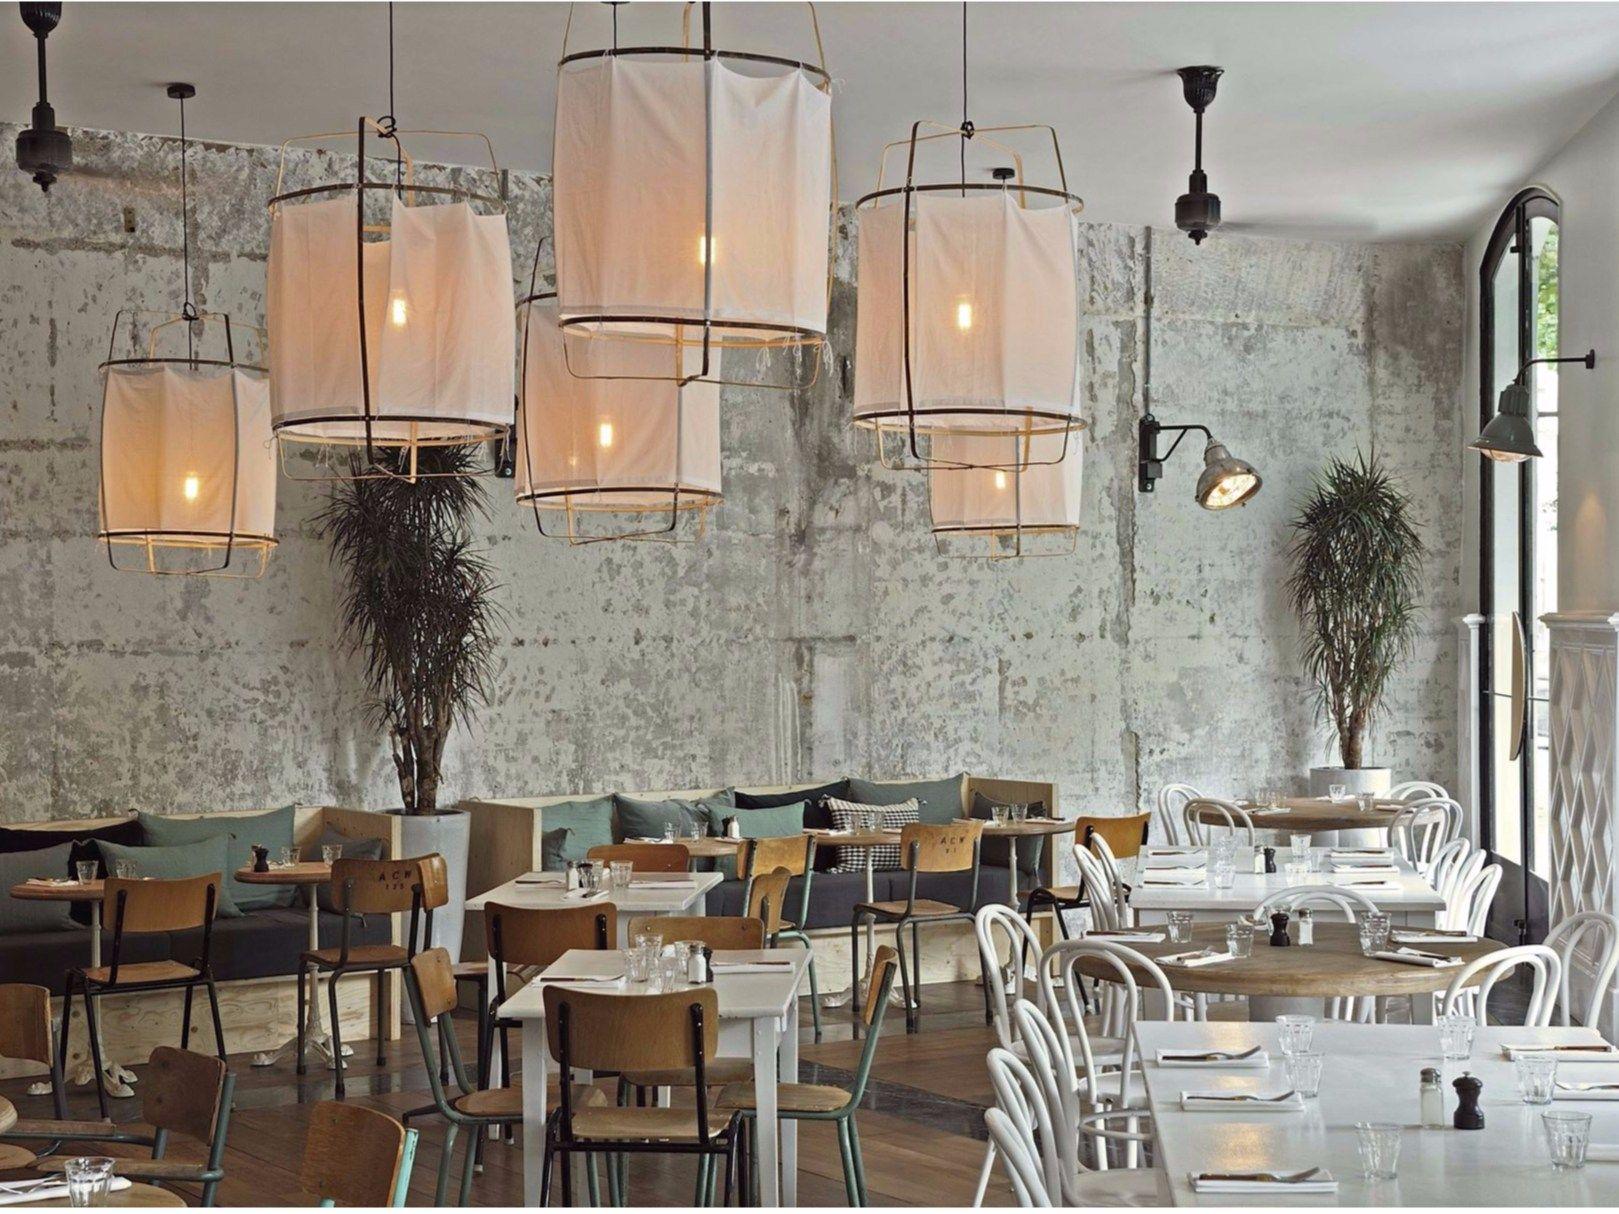 Auteuil Brasserie: atmosfera chic, materiali grezzi e ricette italiane